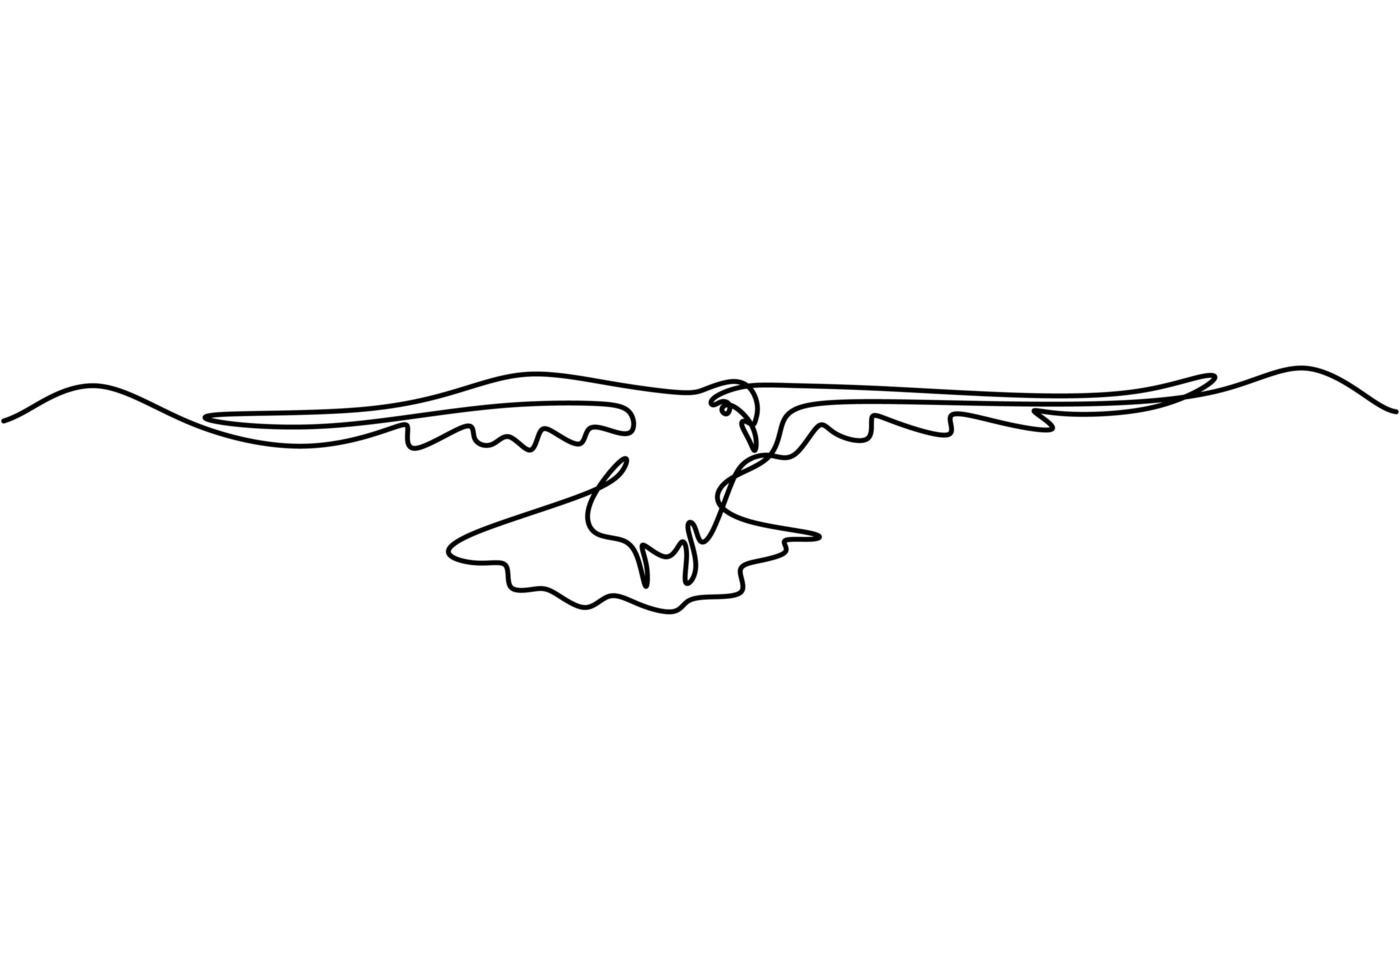 dibujo continuo de una línea. animal de la paloma voladora. vector